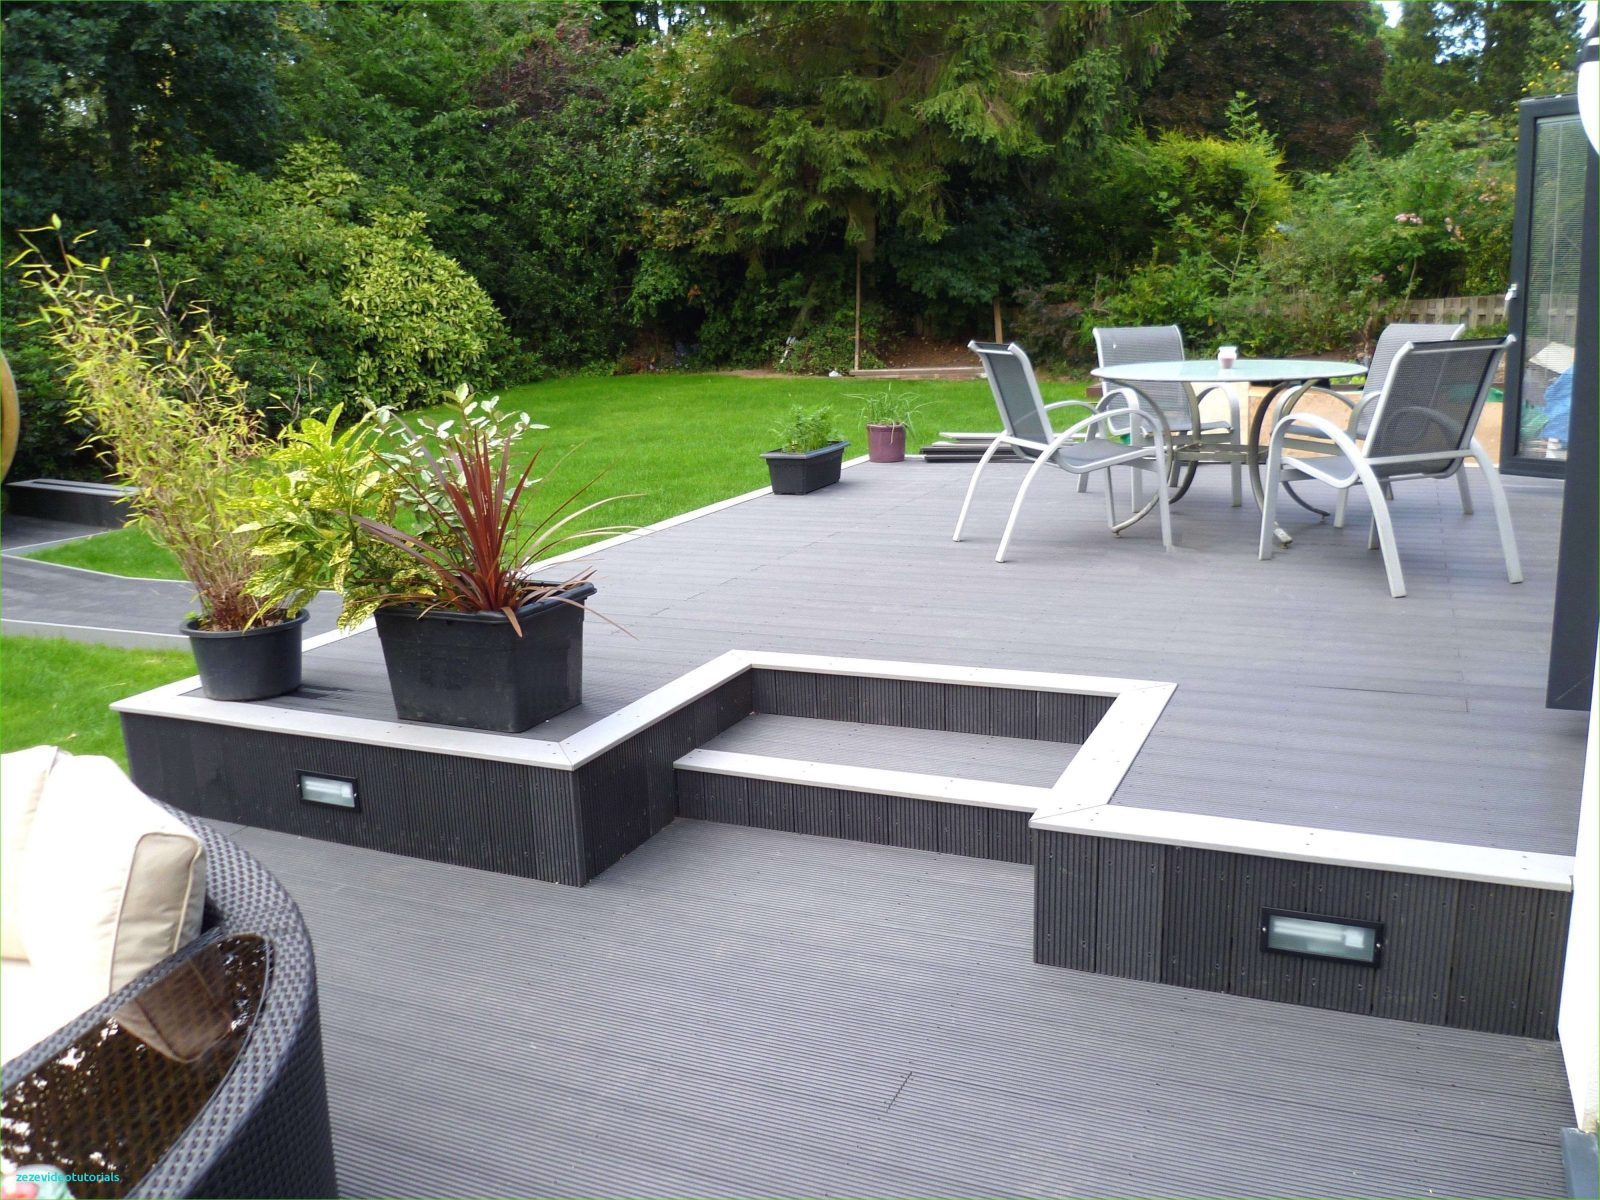 42 Luxus Großer Vorgarten Gestalten Pic Design Von Ideen Für Kleine von Ideen Für Kleine Reihenhausgärten Photo